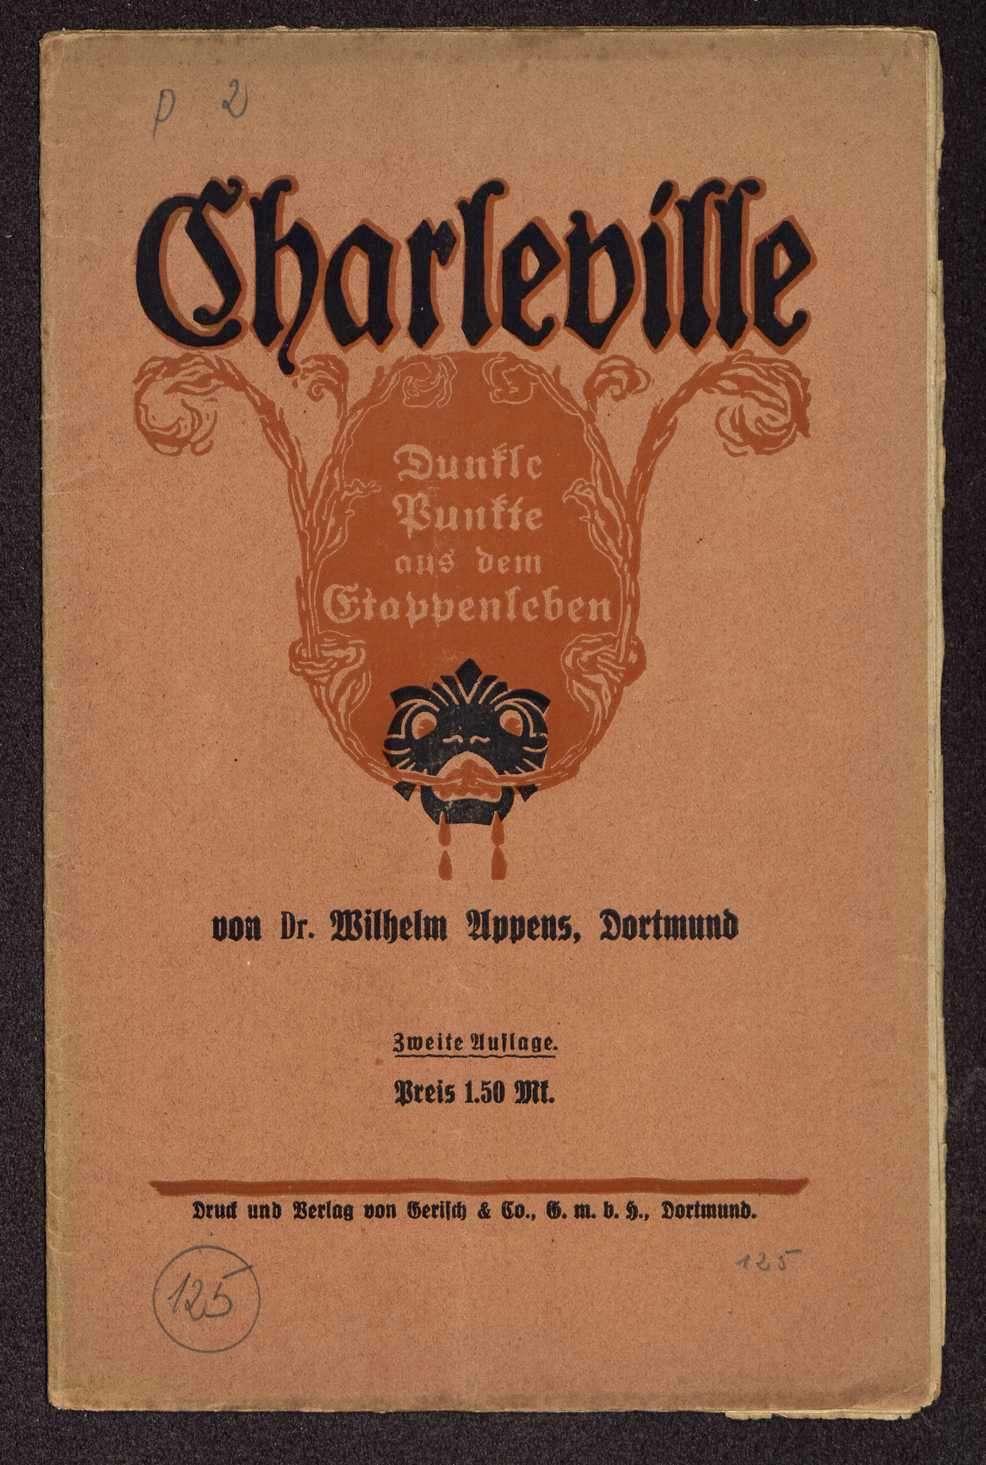 Dr. Wilhelm Appens, Dortmund: Charleville. Dunkle Punkte aus dem Etappenleben (Druck und Verlag: Gerisch & Co. G.m.b.H., Dortmund), Bild 1